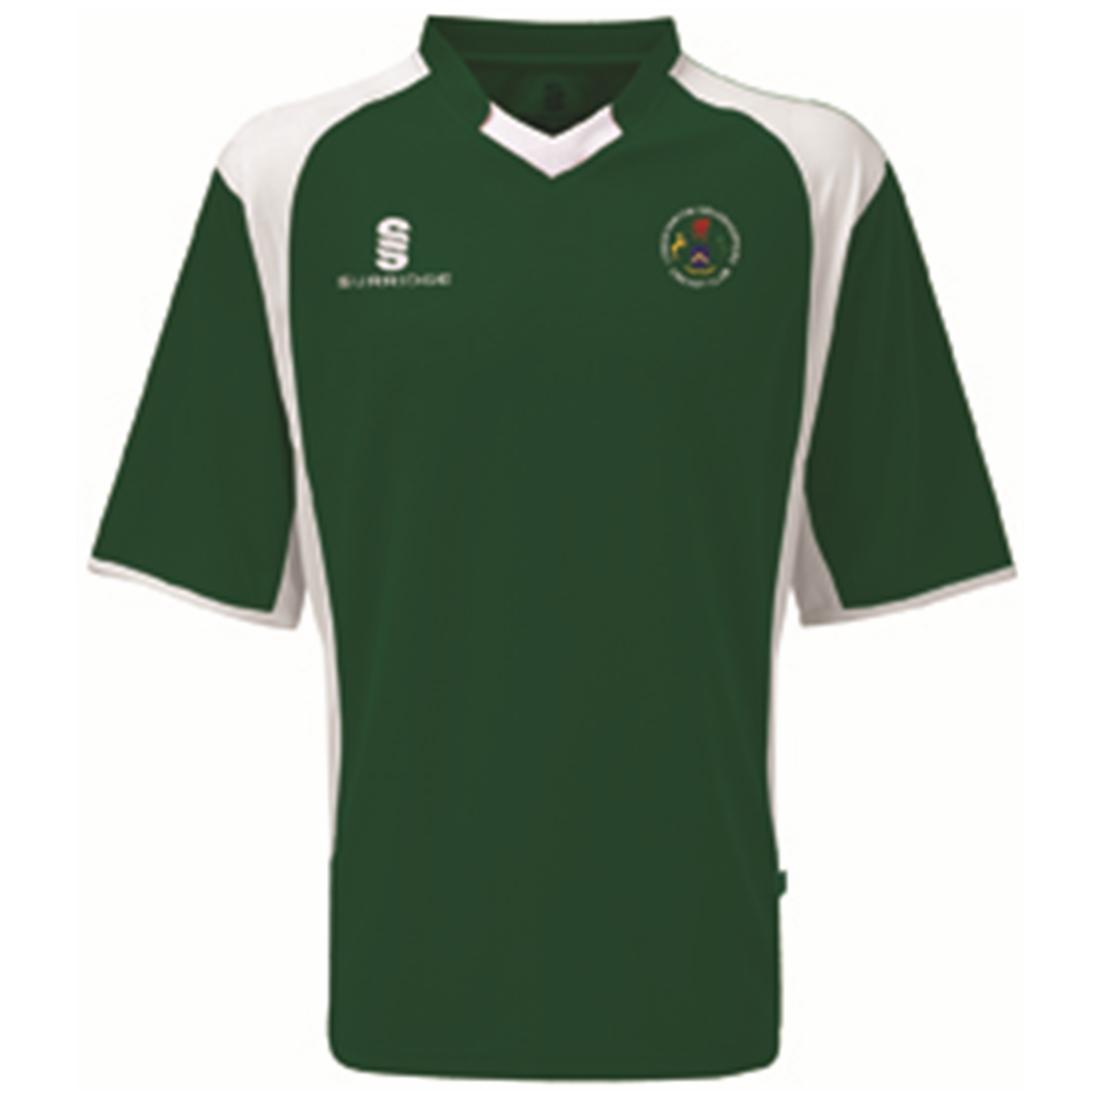 LGCC Training Shirt Snr